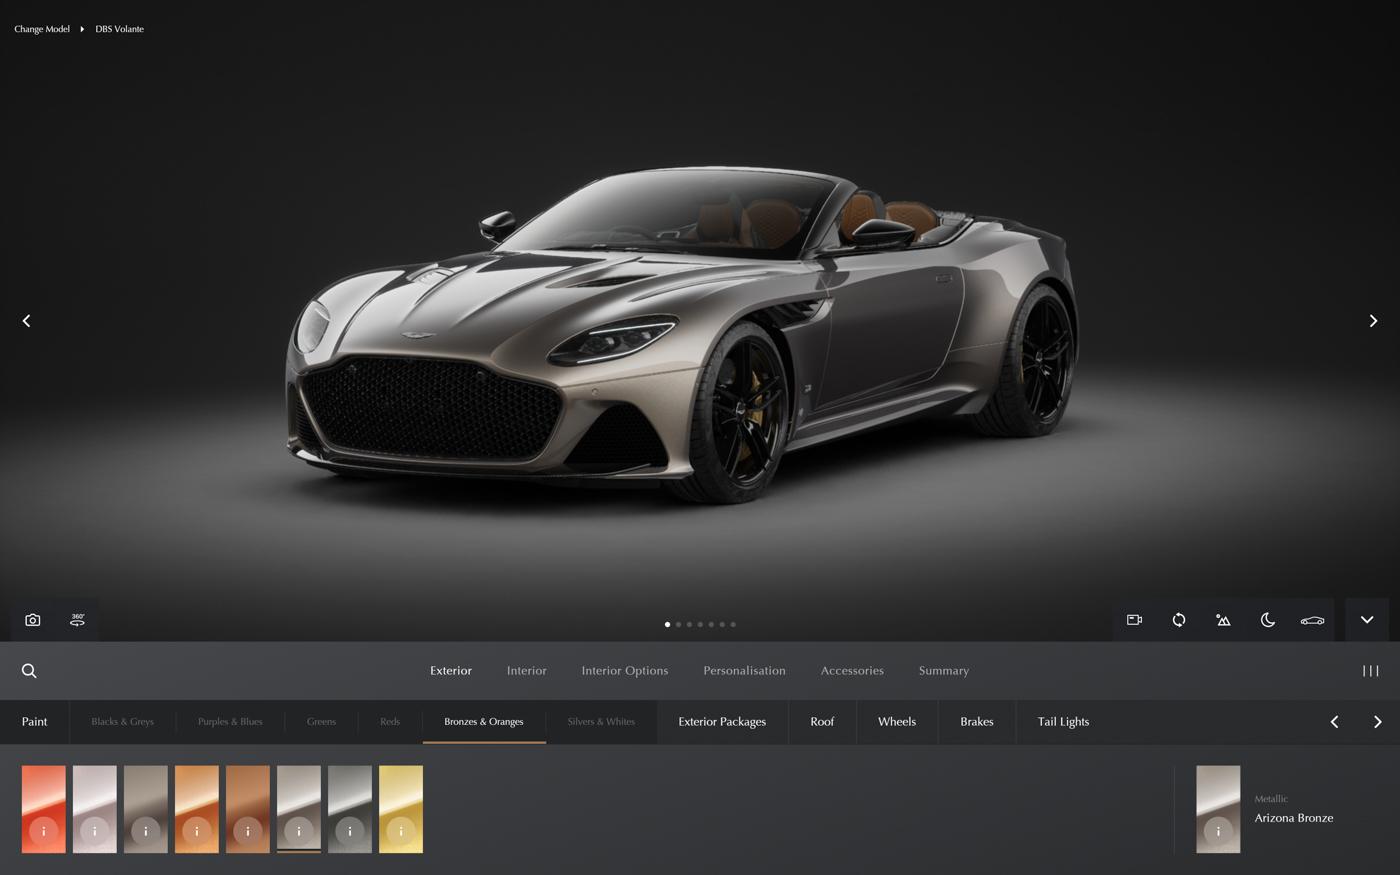 Aston-Martin-công-bố-nâng-cấp-cho-đời-xe-2022-7.jpg